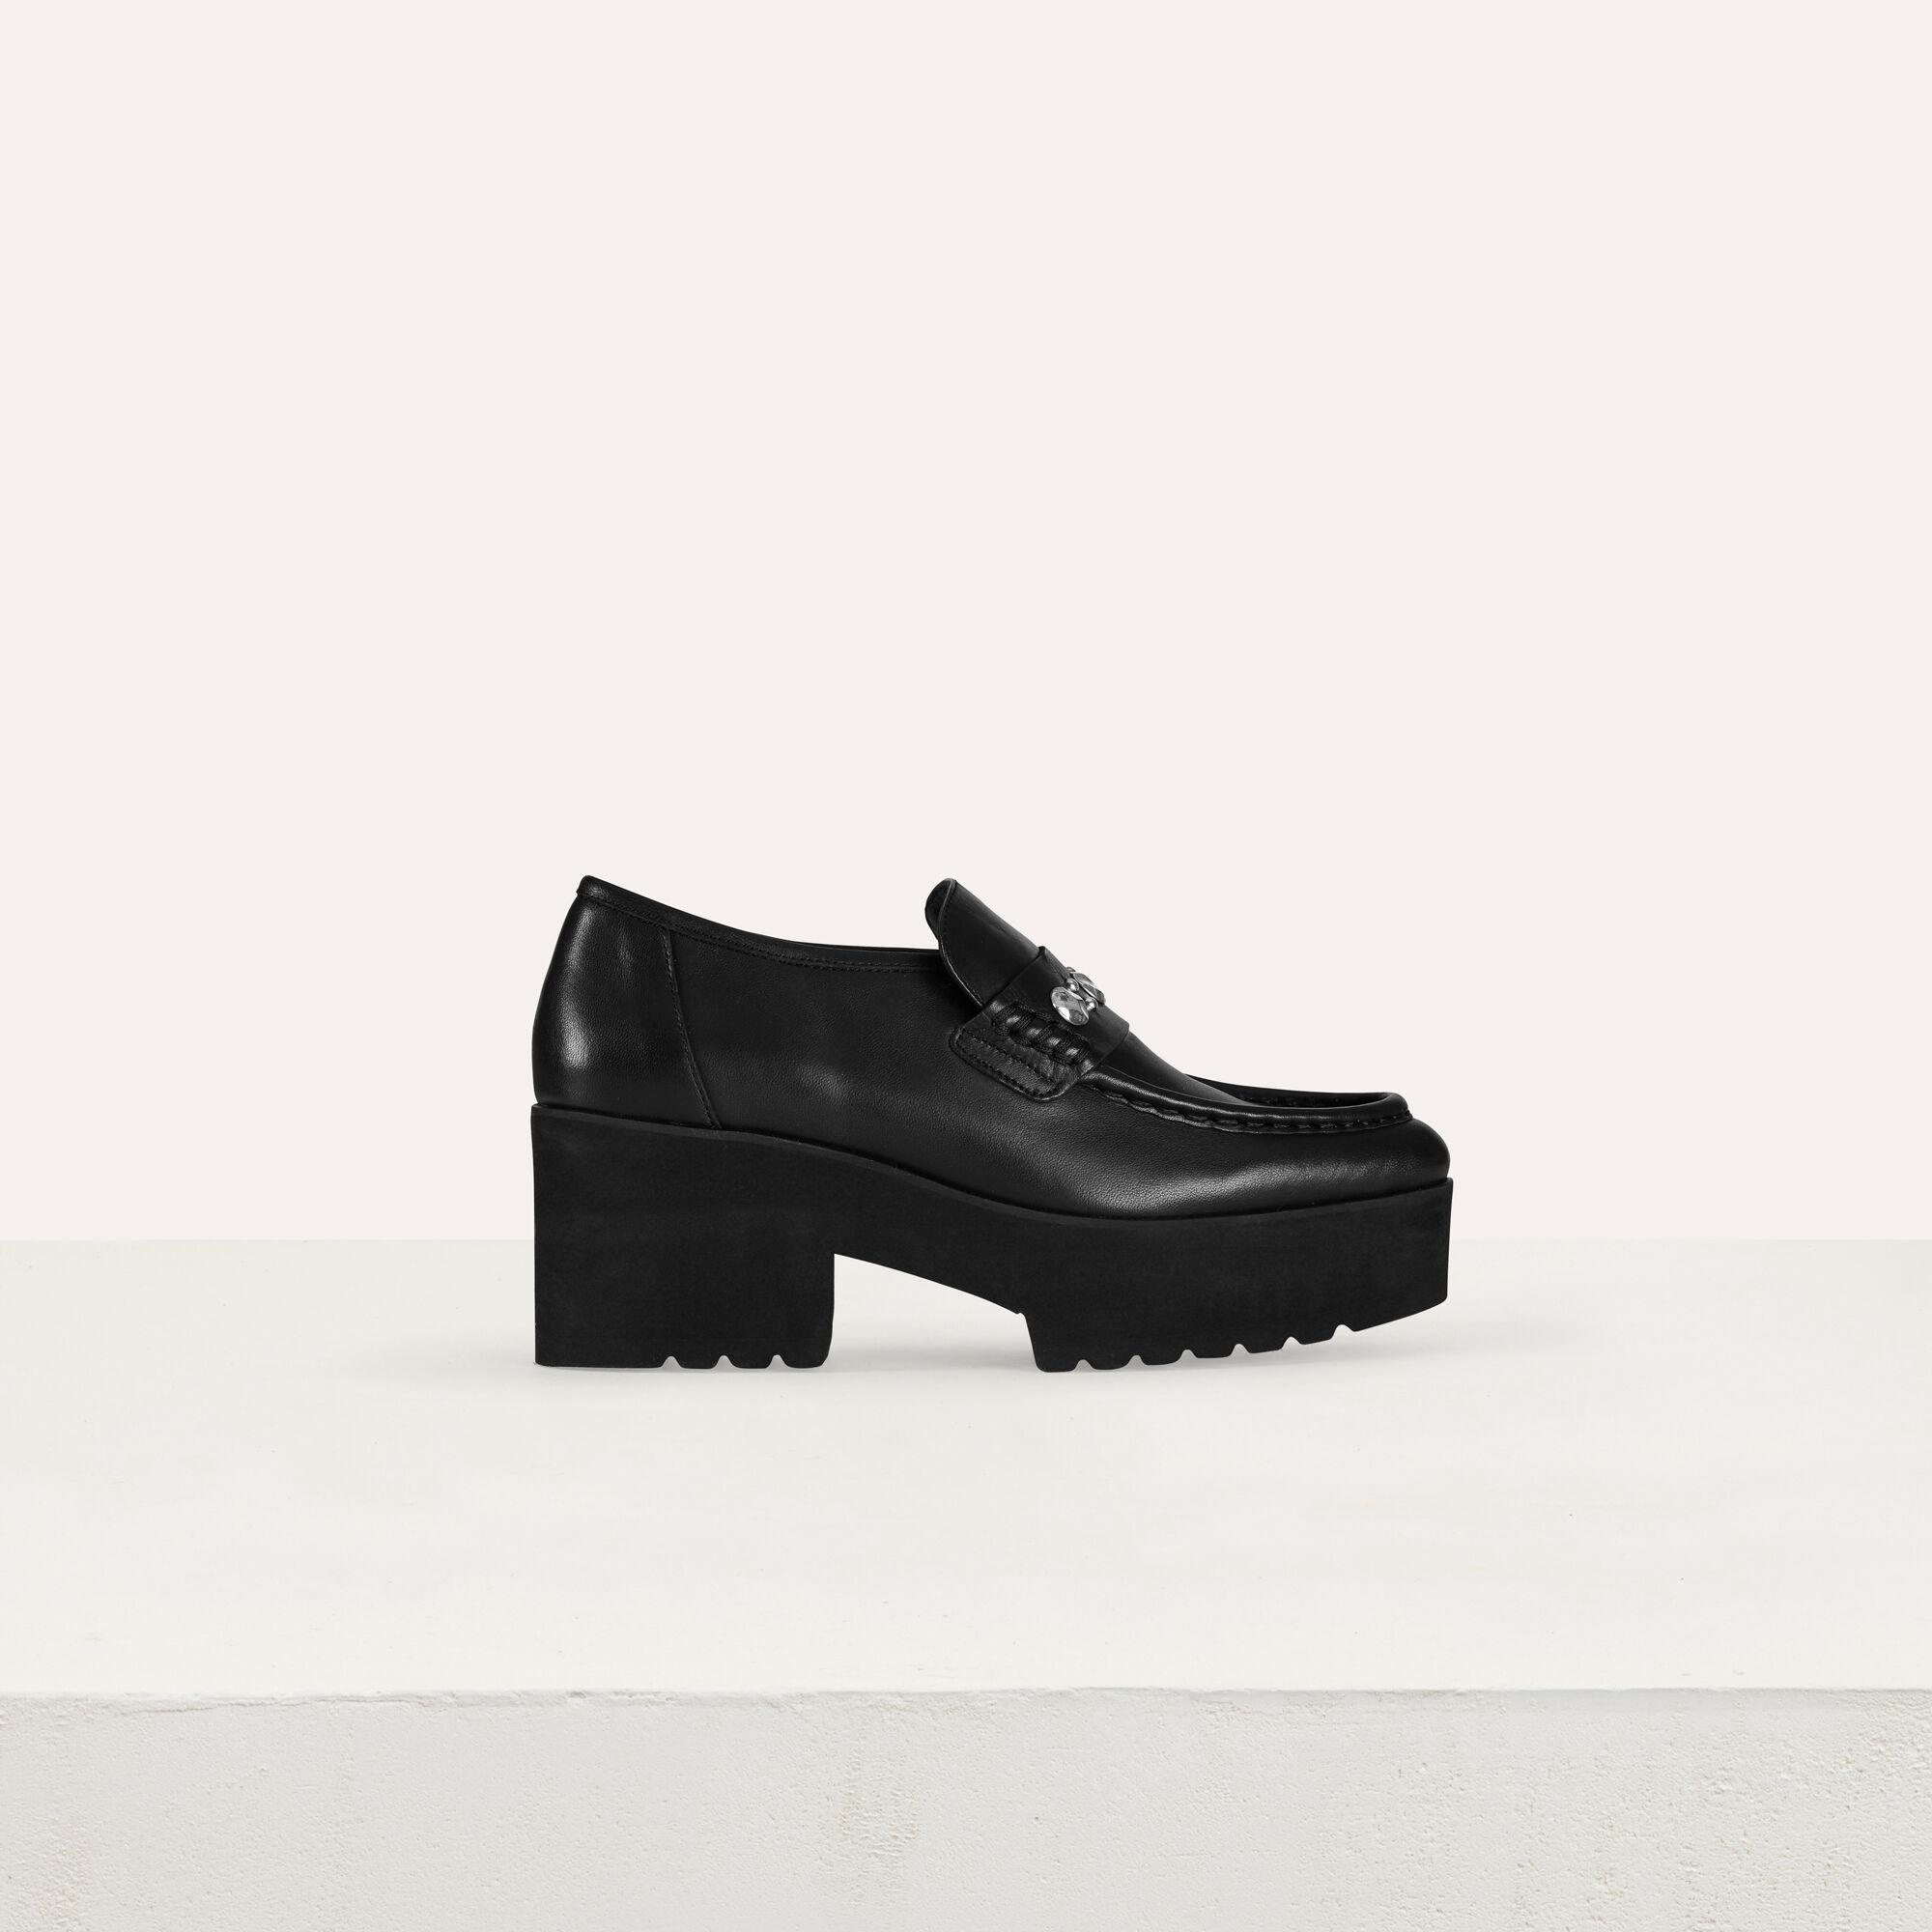 À Les Paris FémininMaje Toutes Prêt Porter Chaussures WEIYD29H